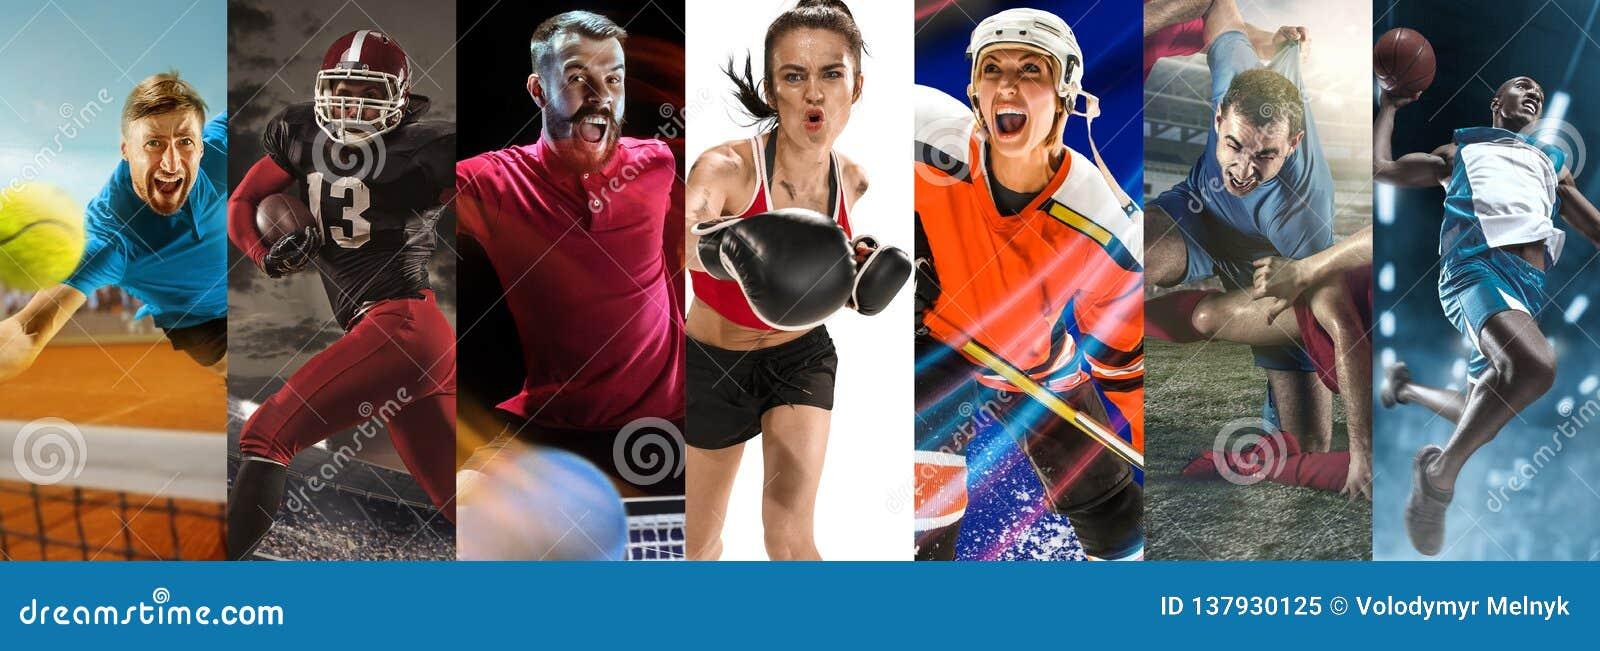 Резвитесь коллаж о футболе, американском футболе, бадминтоне, теннисе, боксе, льде и хоккее на траве, настольном теннисе